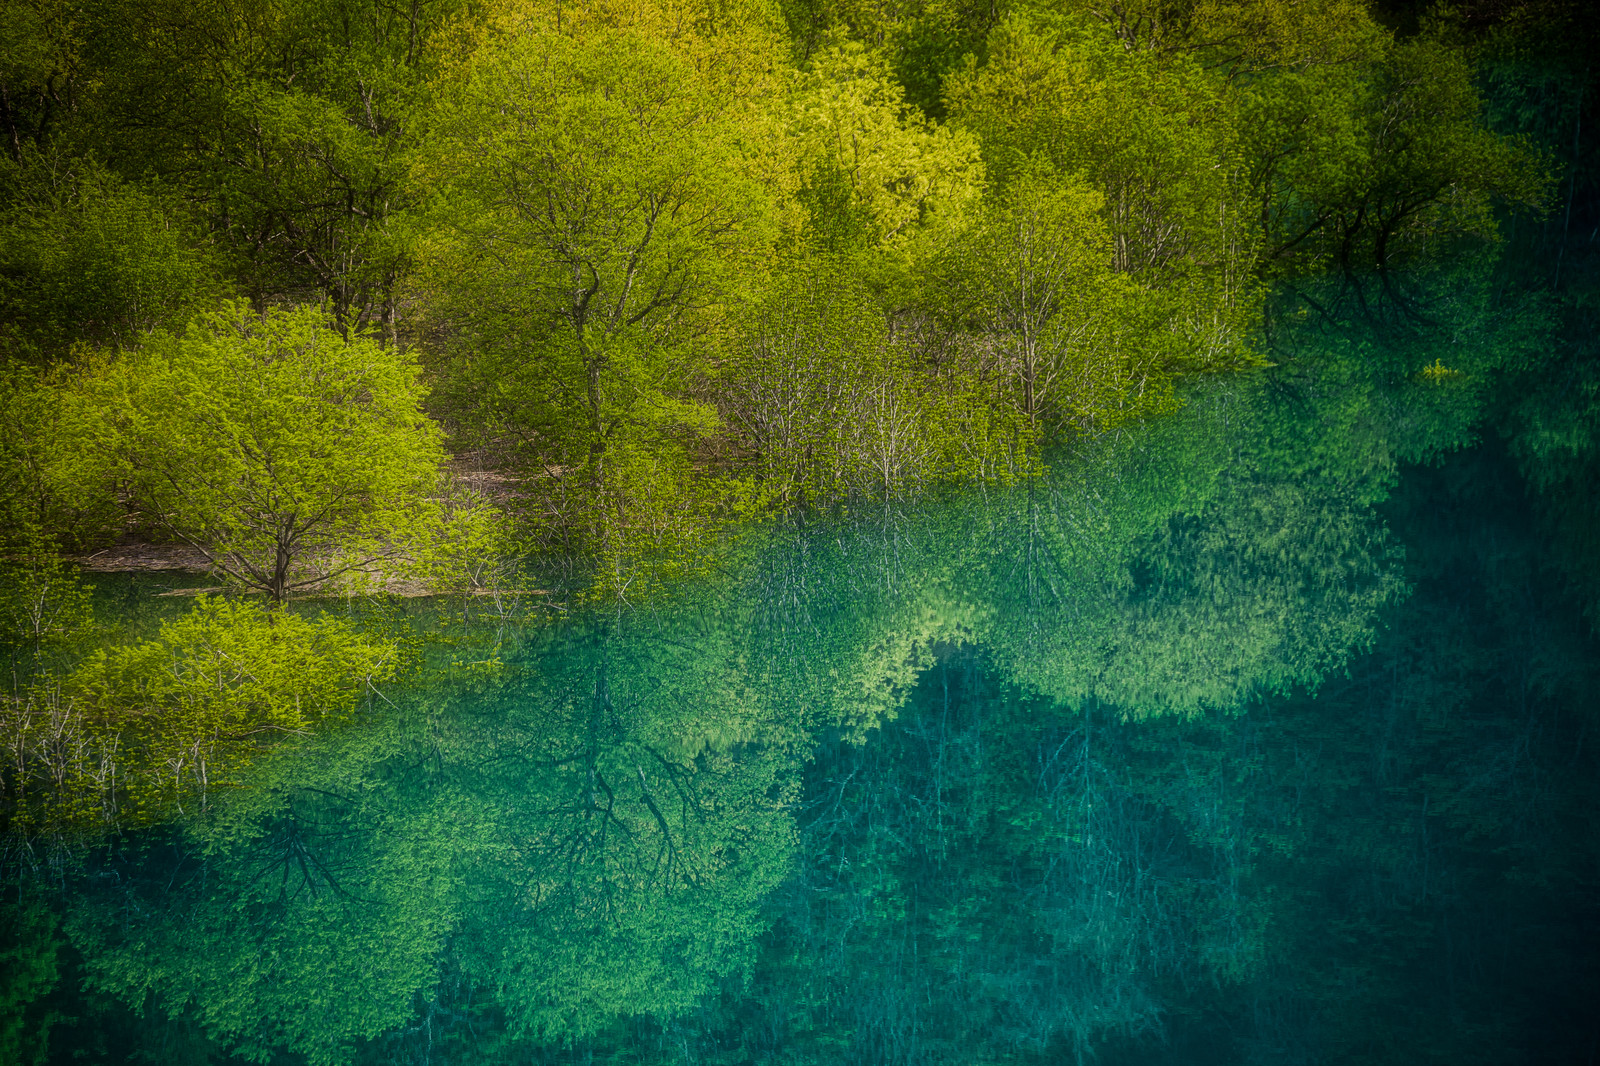 「東山魁夷の絵のような玉川ダムの水没林」の写真